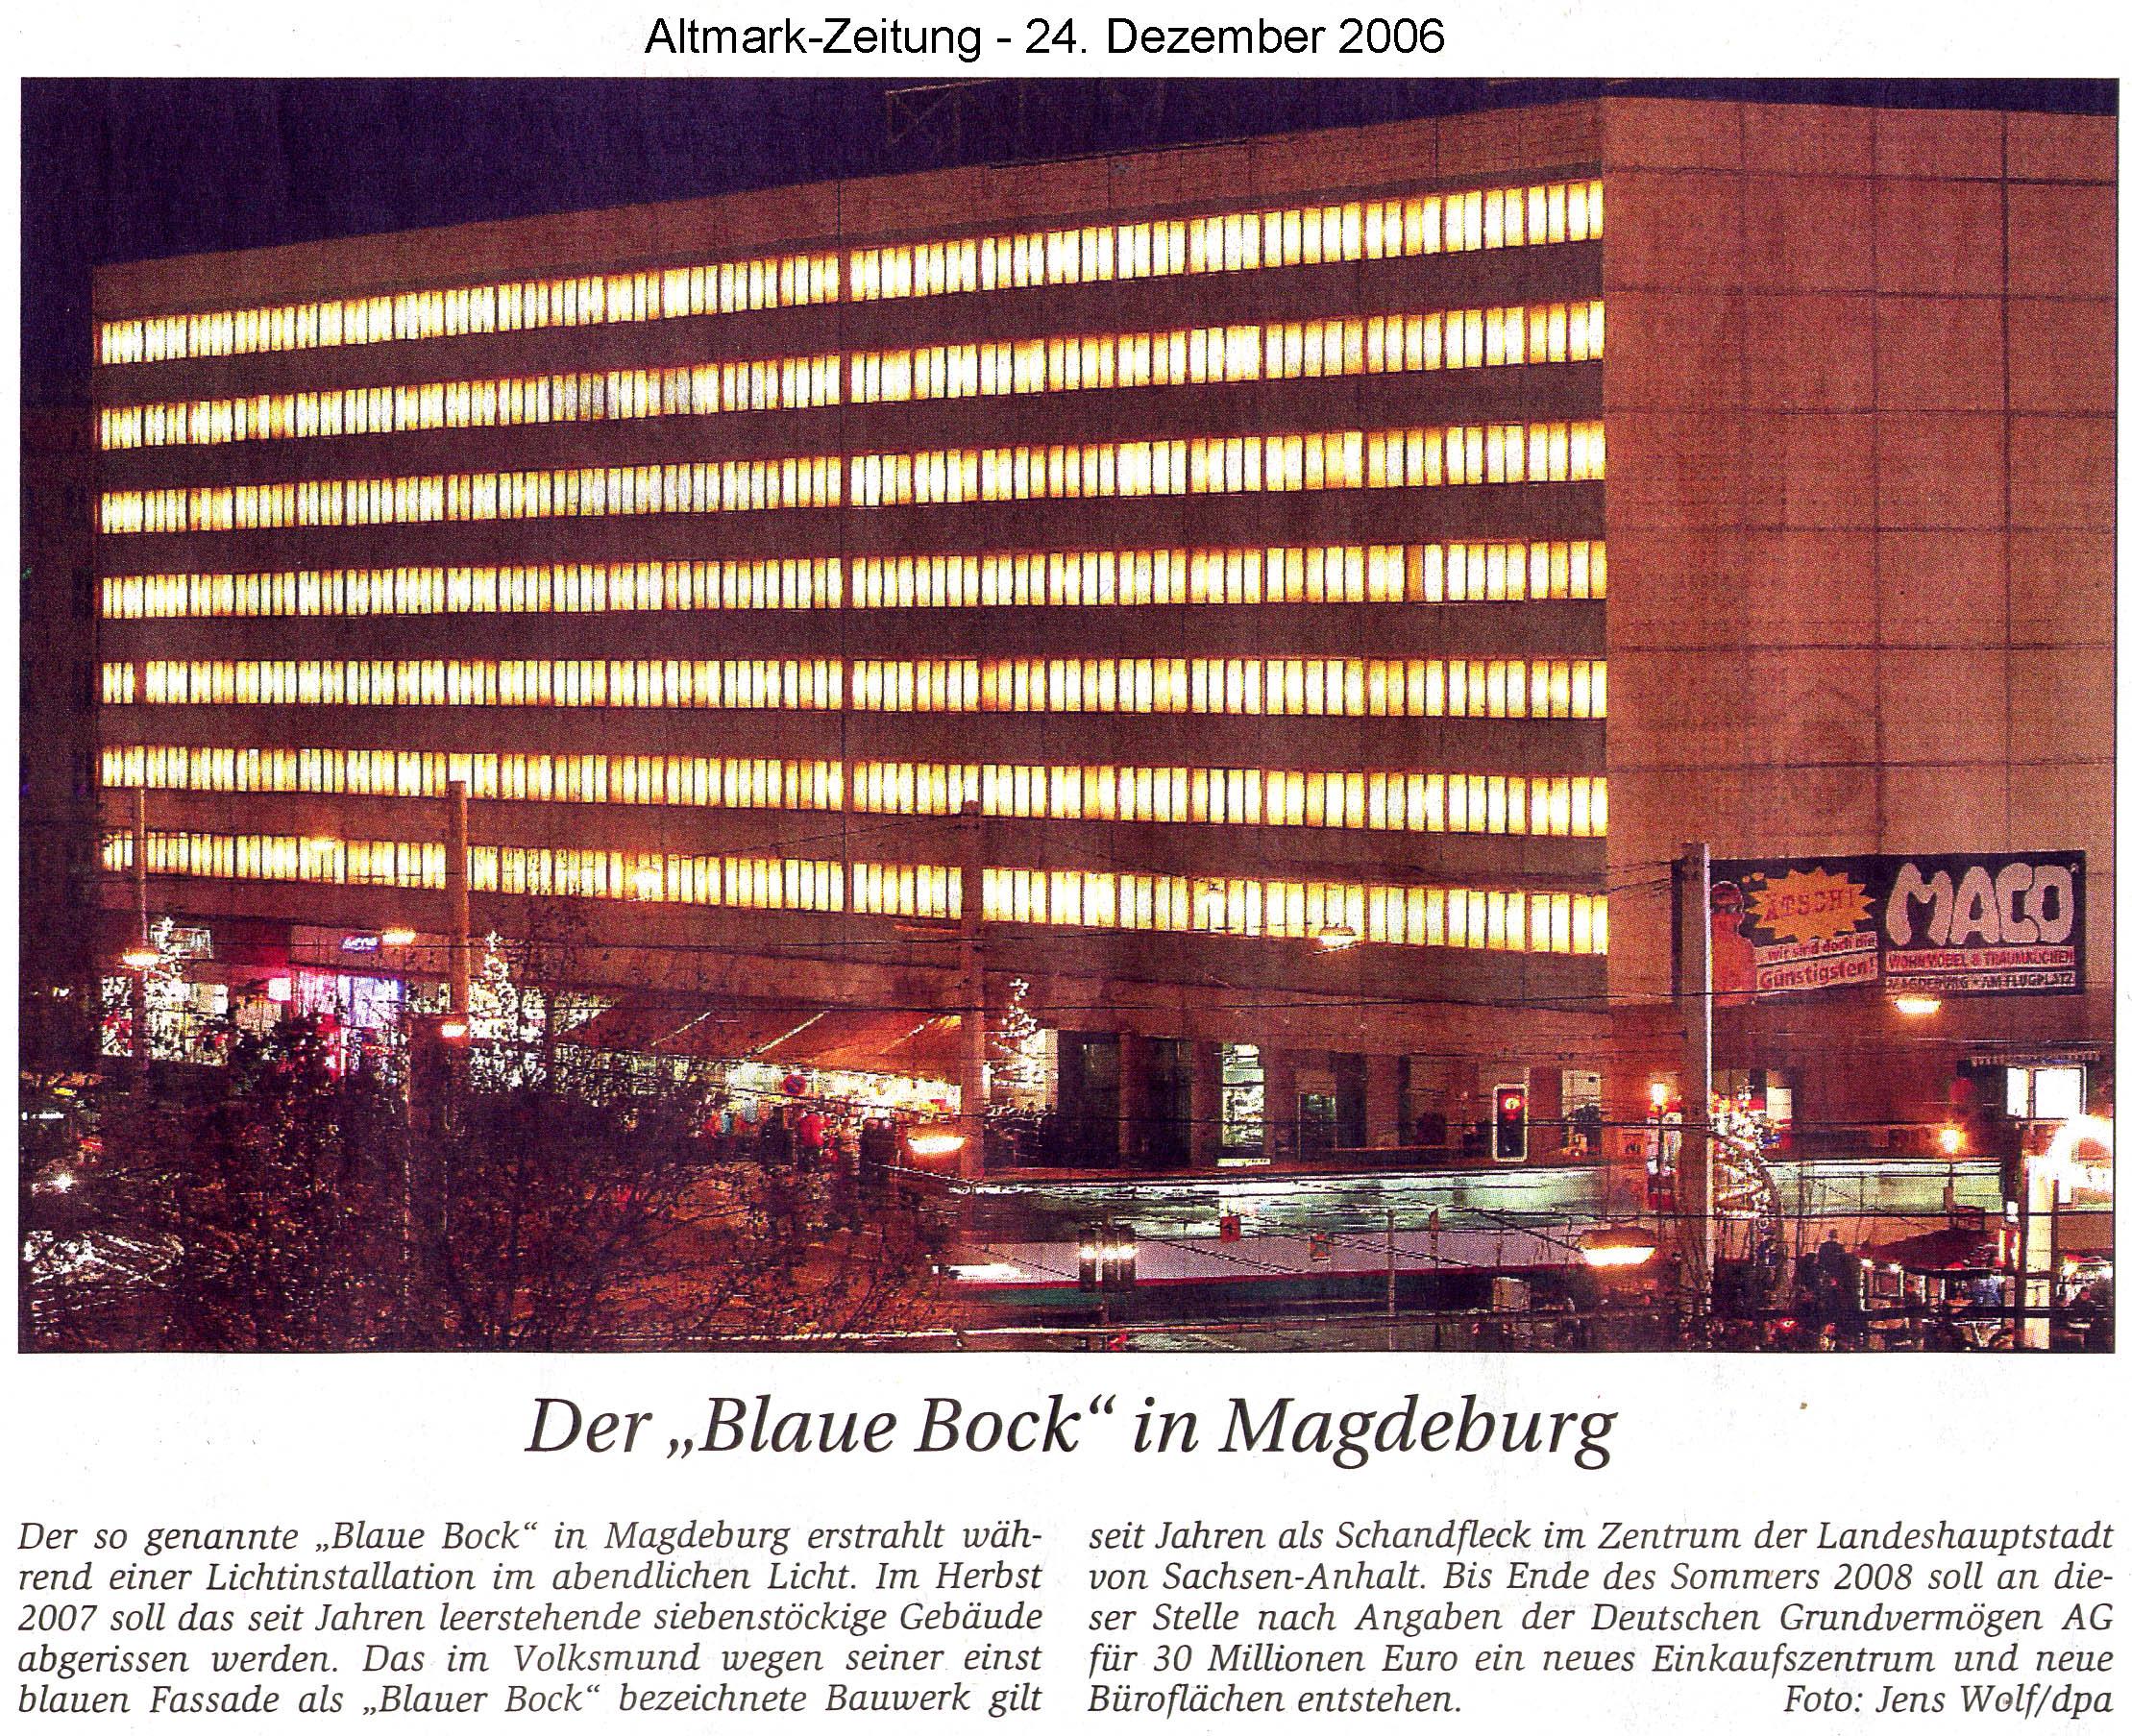 Blaue Weihnachtsbeleuchtung.Blauer Bock Mit Weihnachtsbeleuchtung Blog Blinkenarea Org